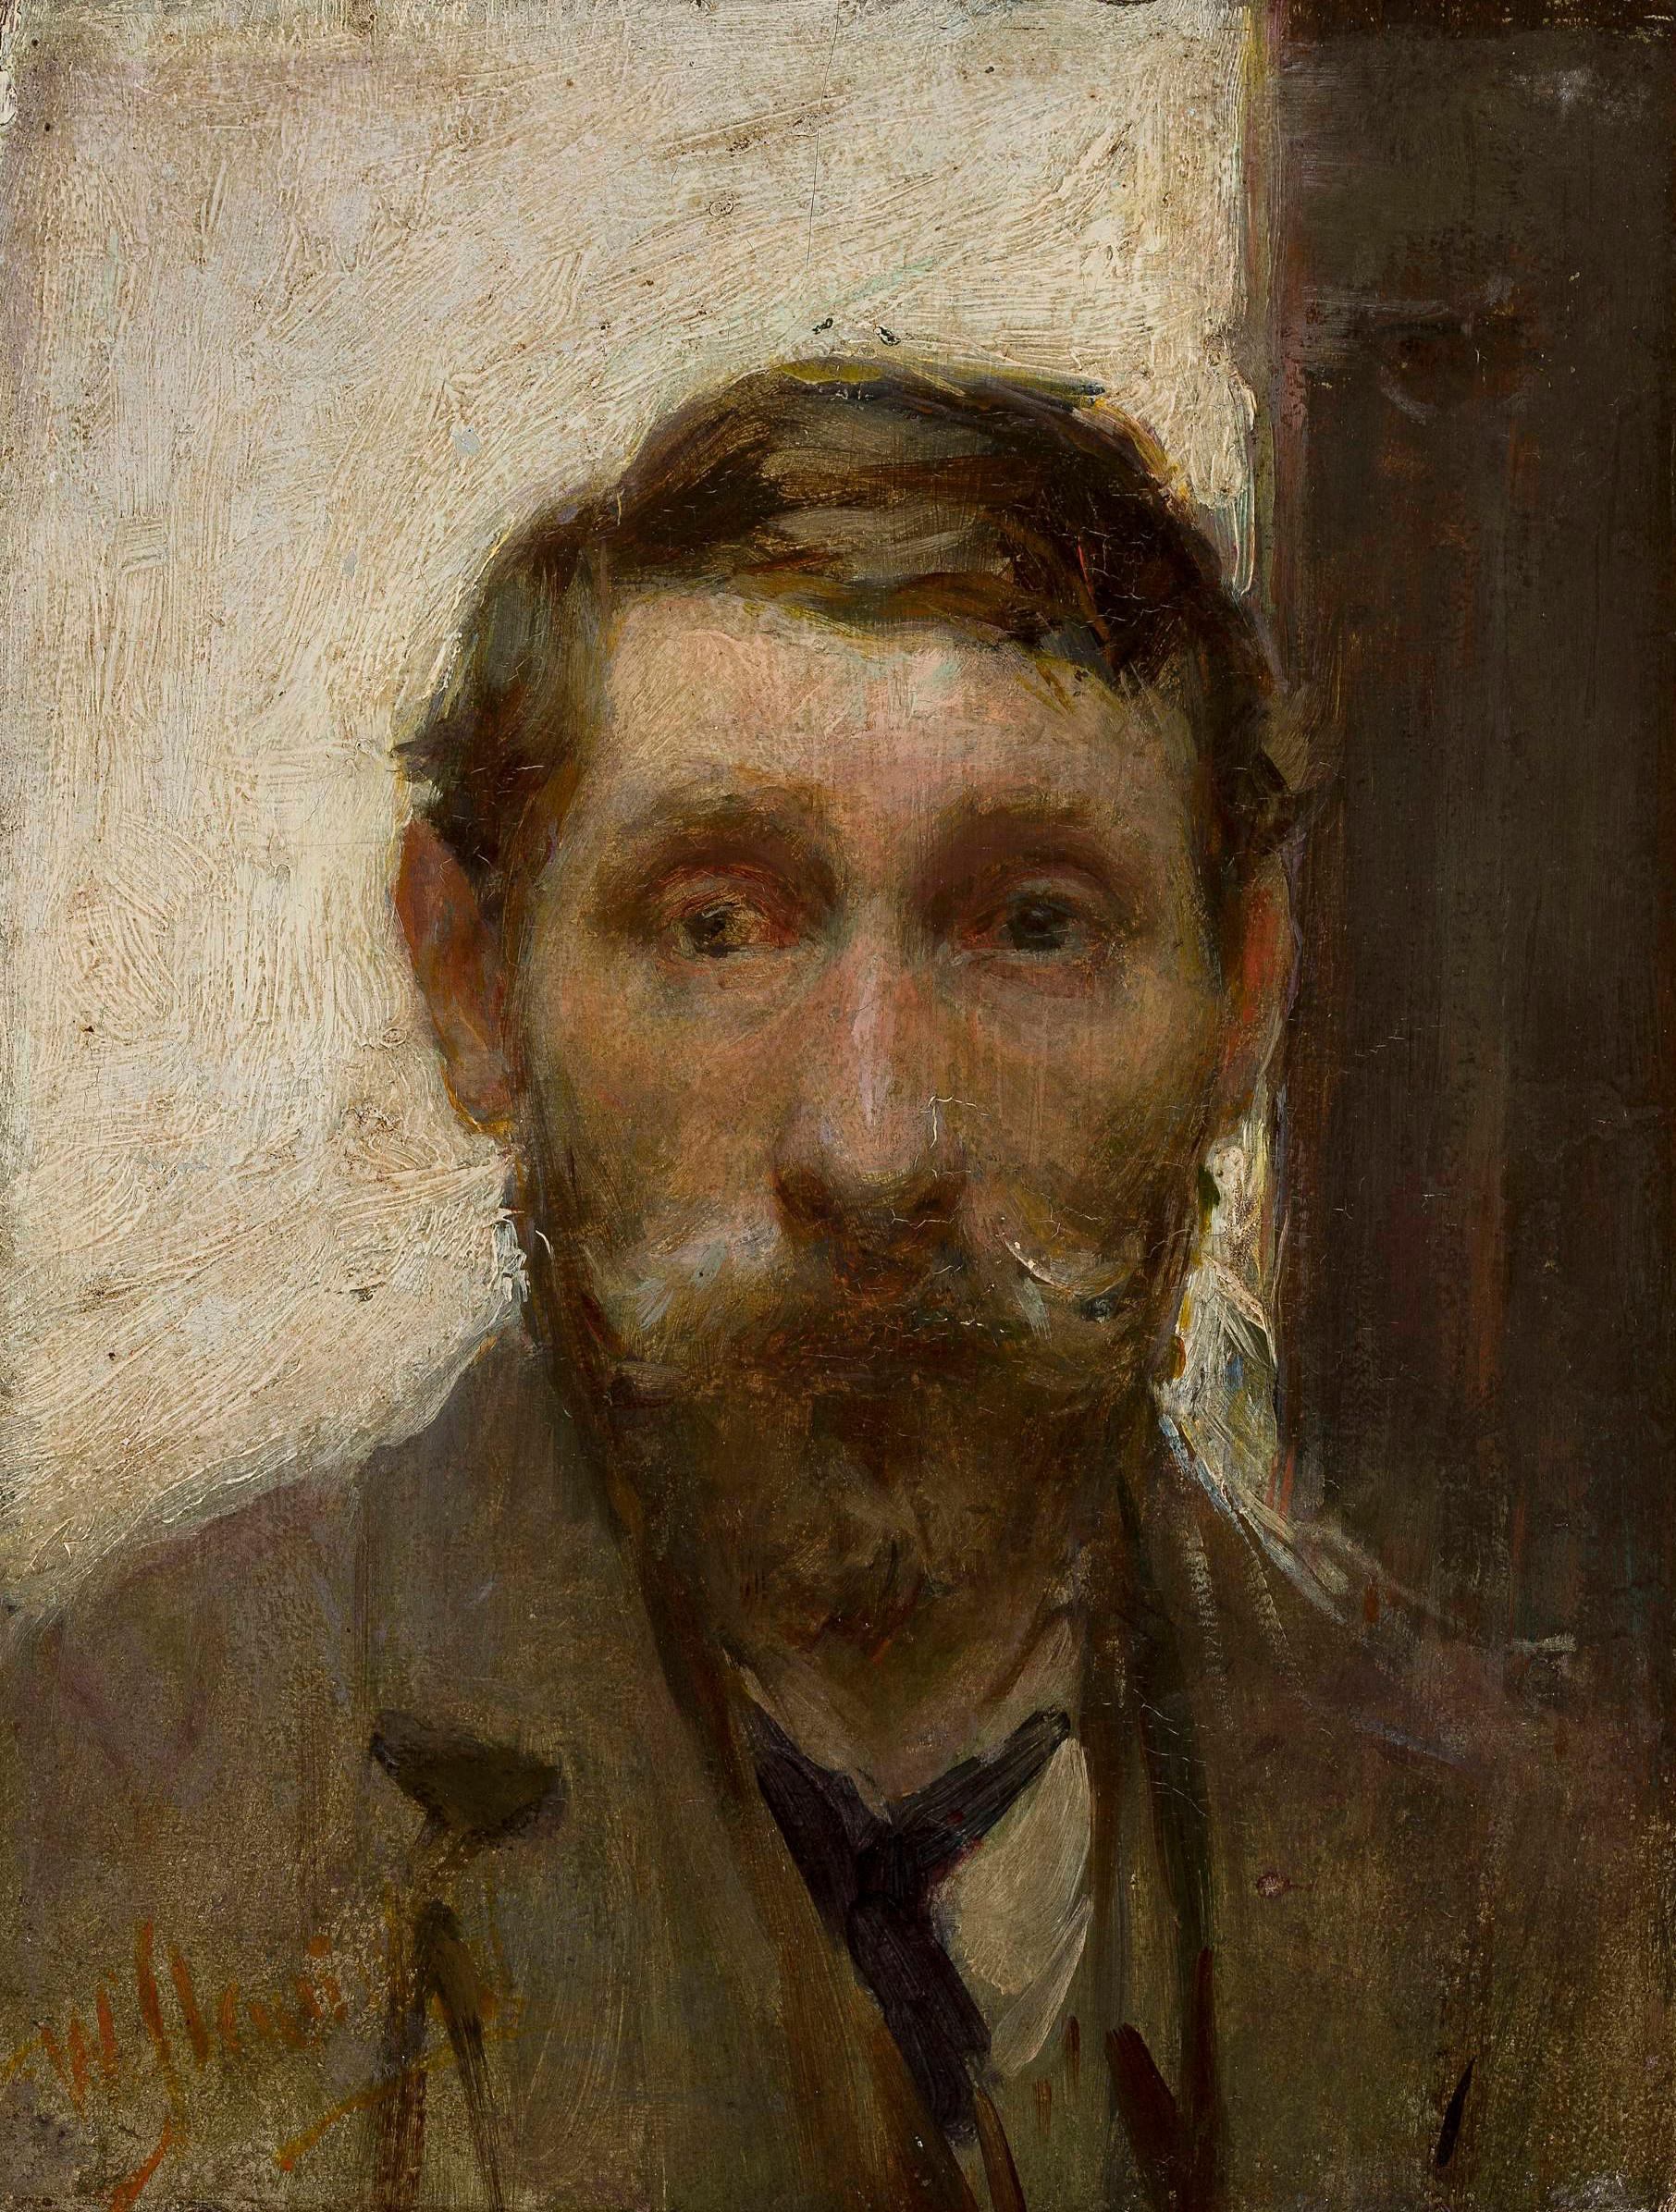 """Władysław Ślewiński (1854 - 1918) """"Autoportret"""", ok. 1898 roku, źródło: Muzeum Narodowe w Warszawie"""